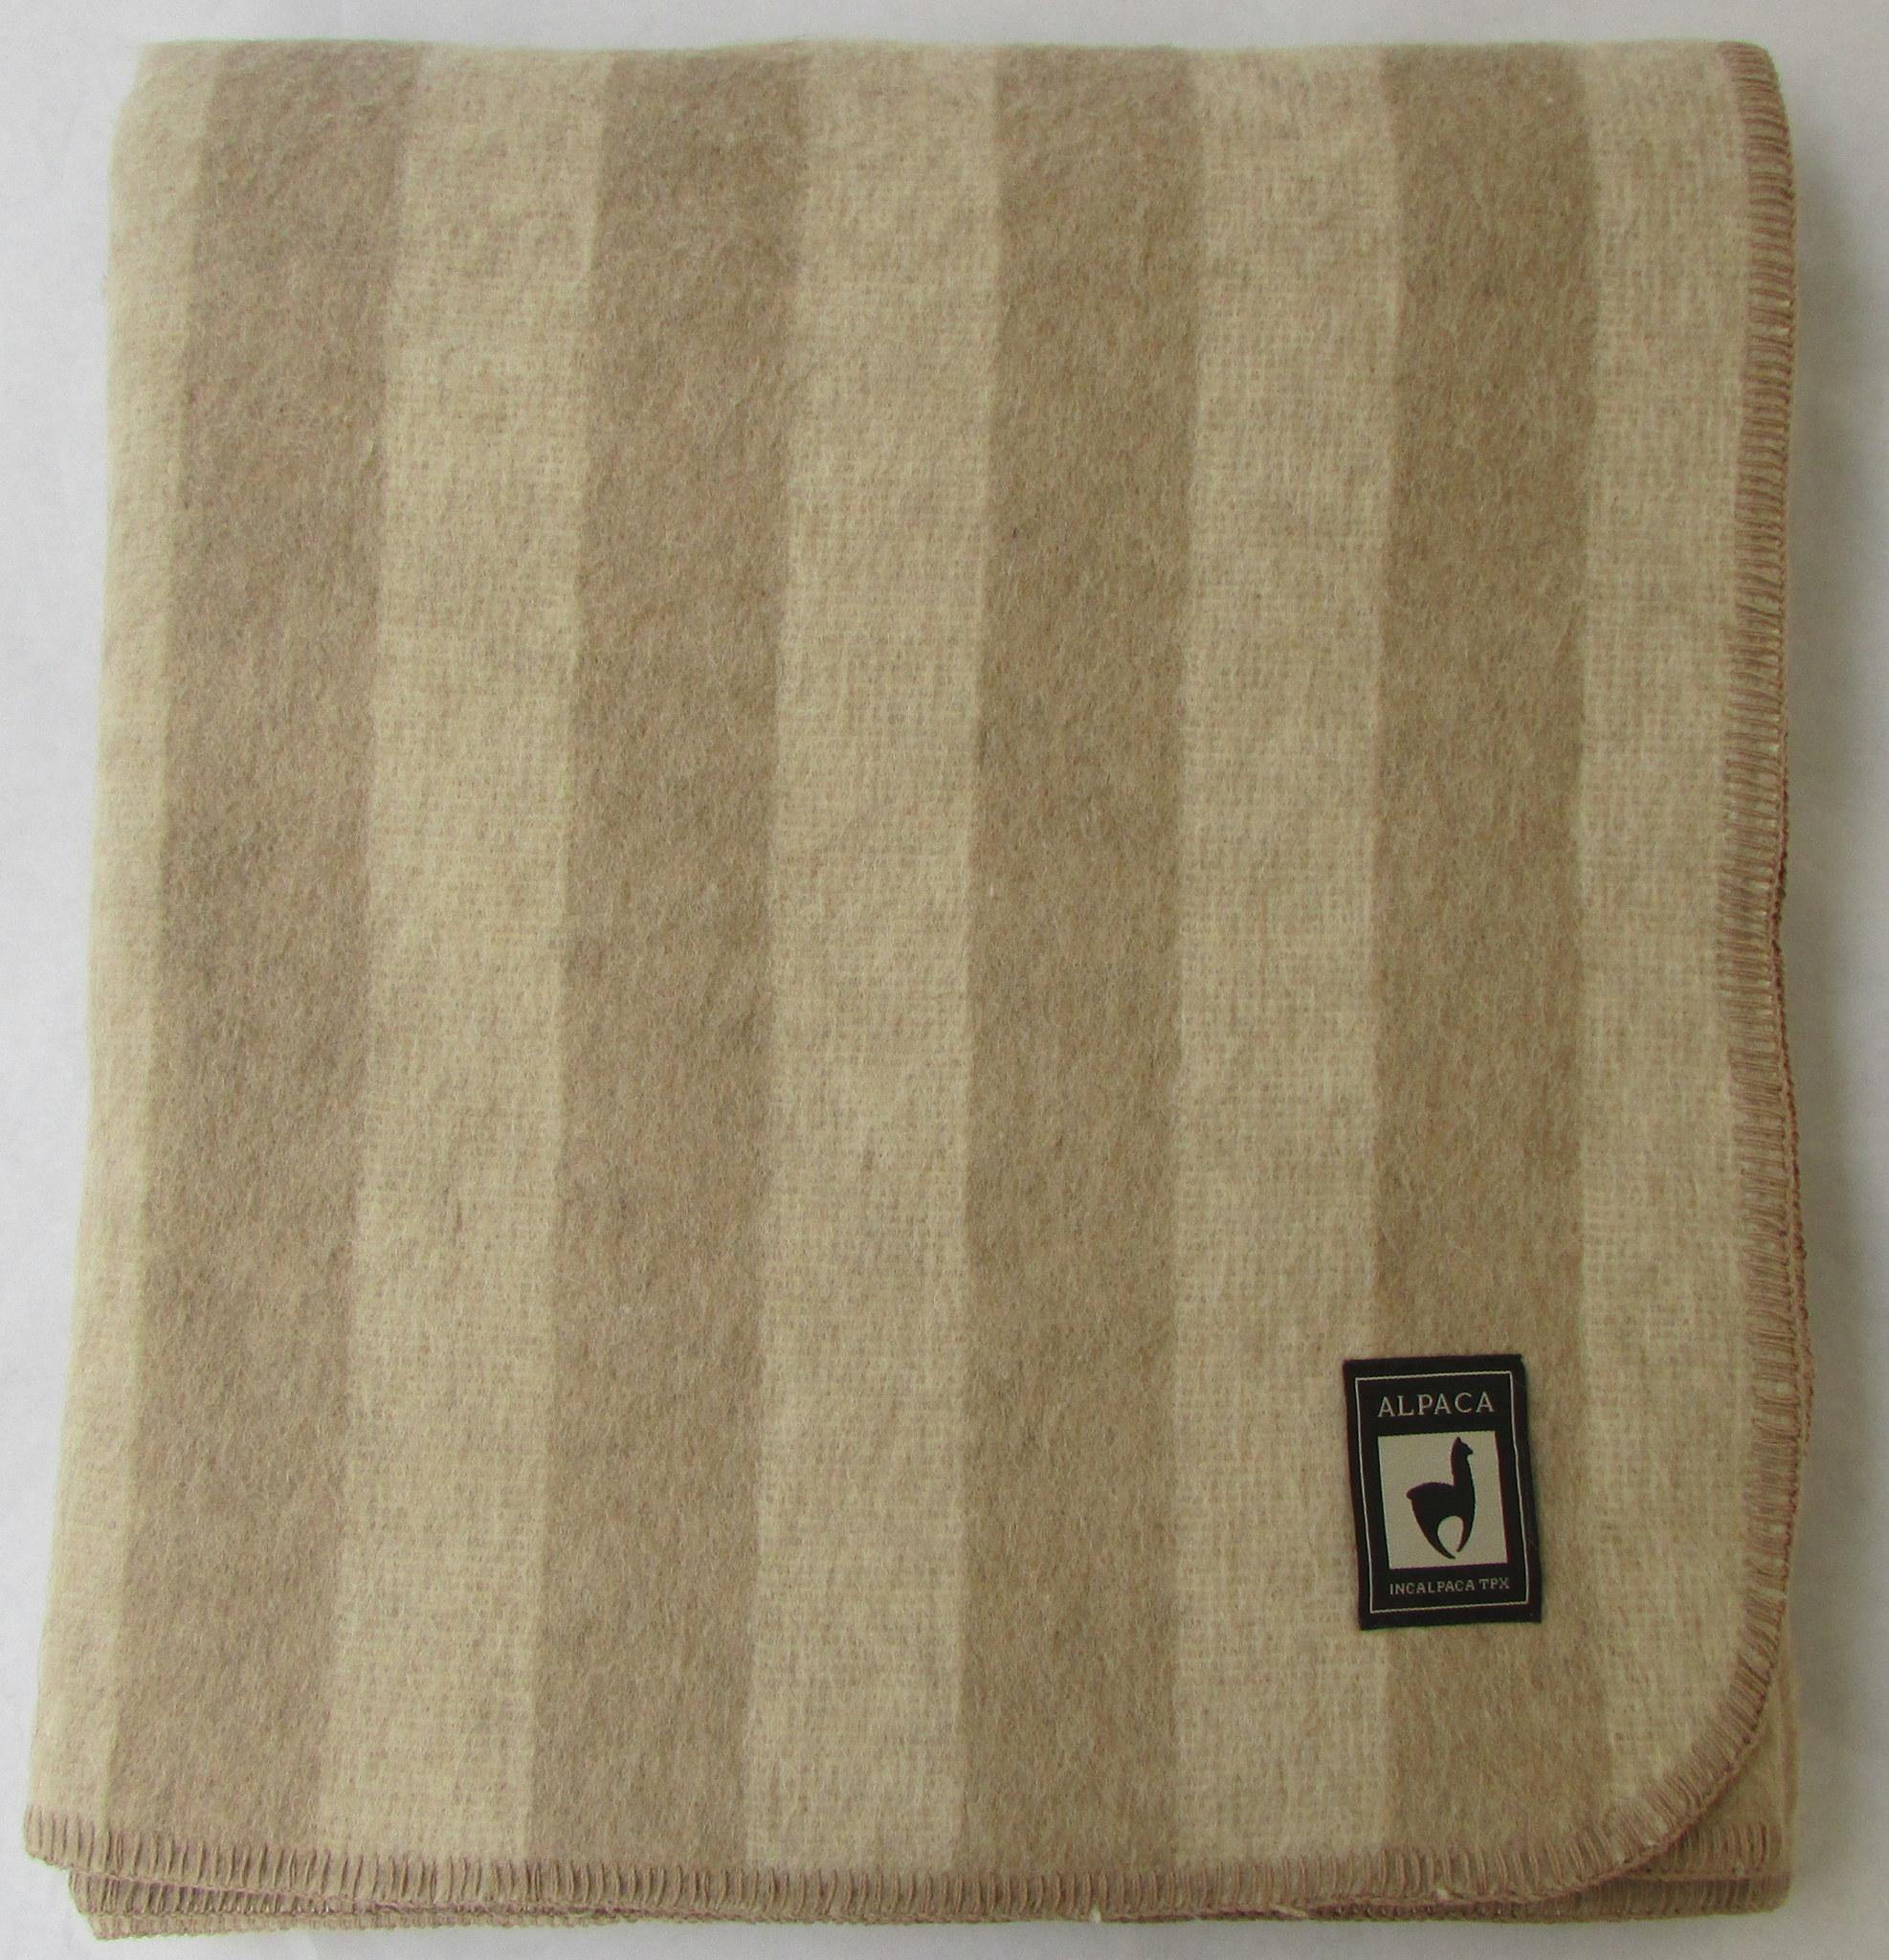 Шерстяные одеяла Одеяло INCALPACA Перу  из шерсти альпаки OA-1 OA-1.JPG